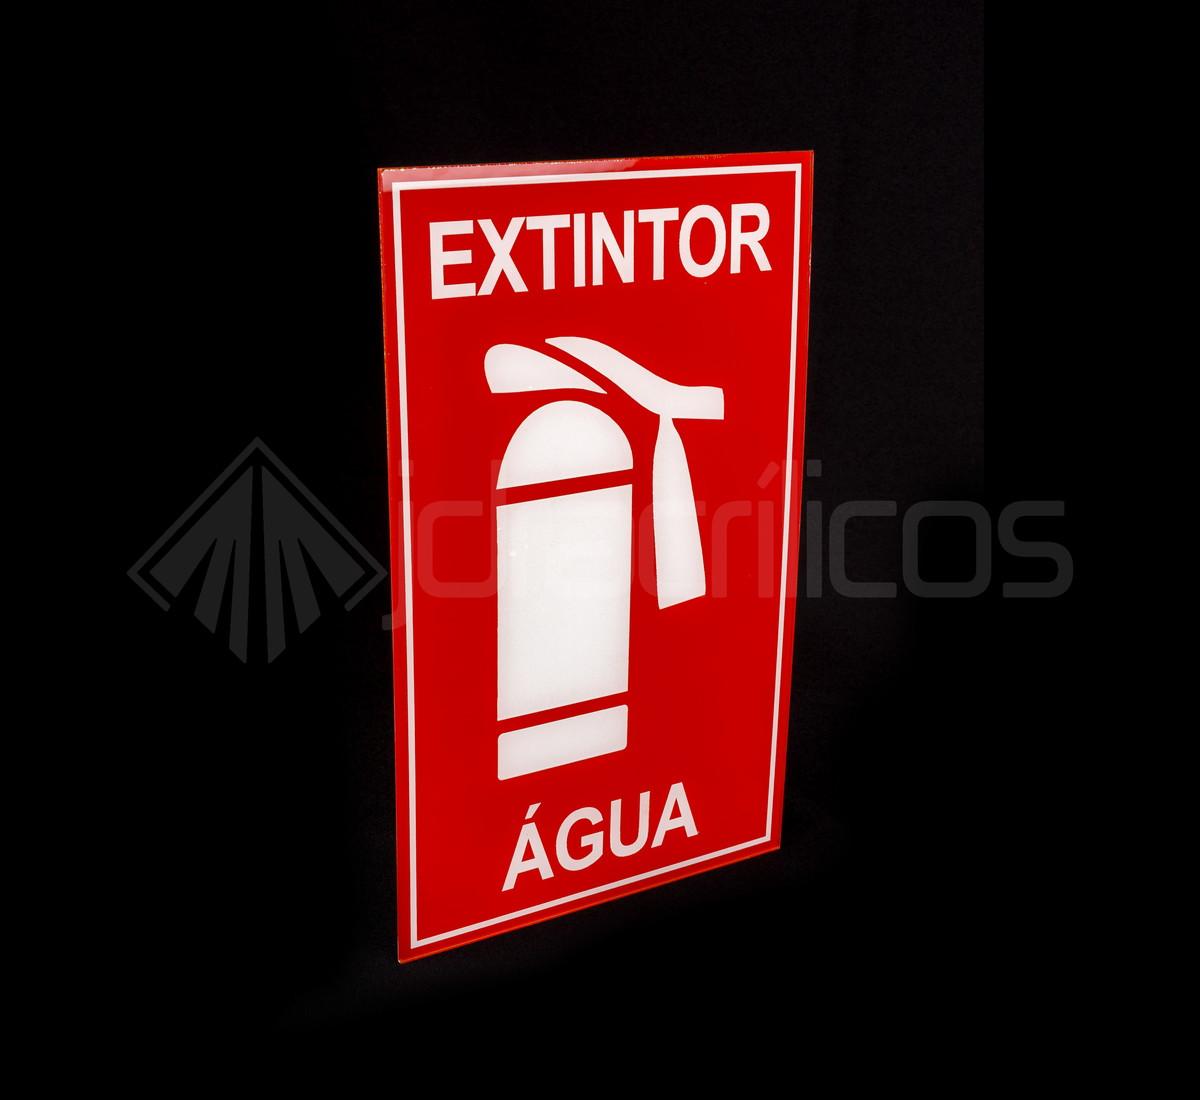 Placa para sinaliza o extintor no elo7 jdr acr licos 7ff2da - Extintor para casa ...